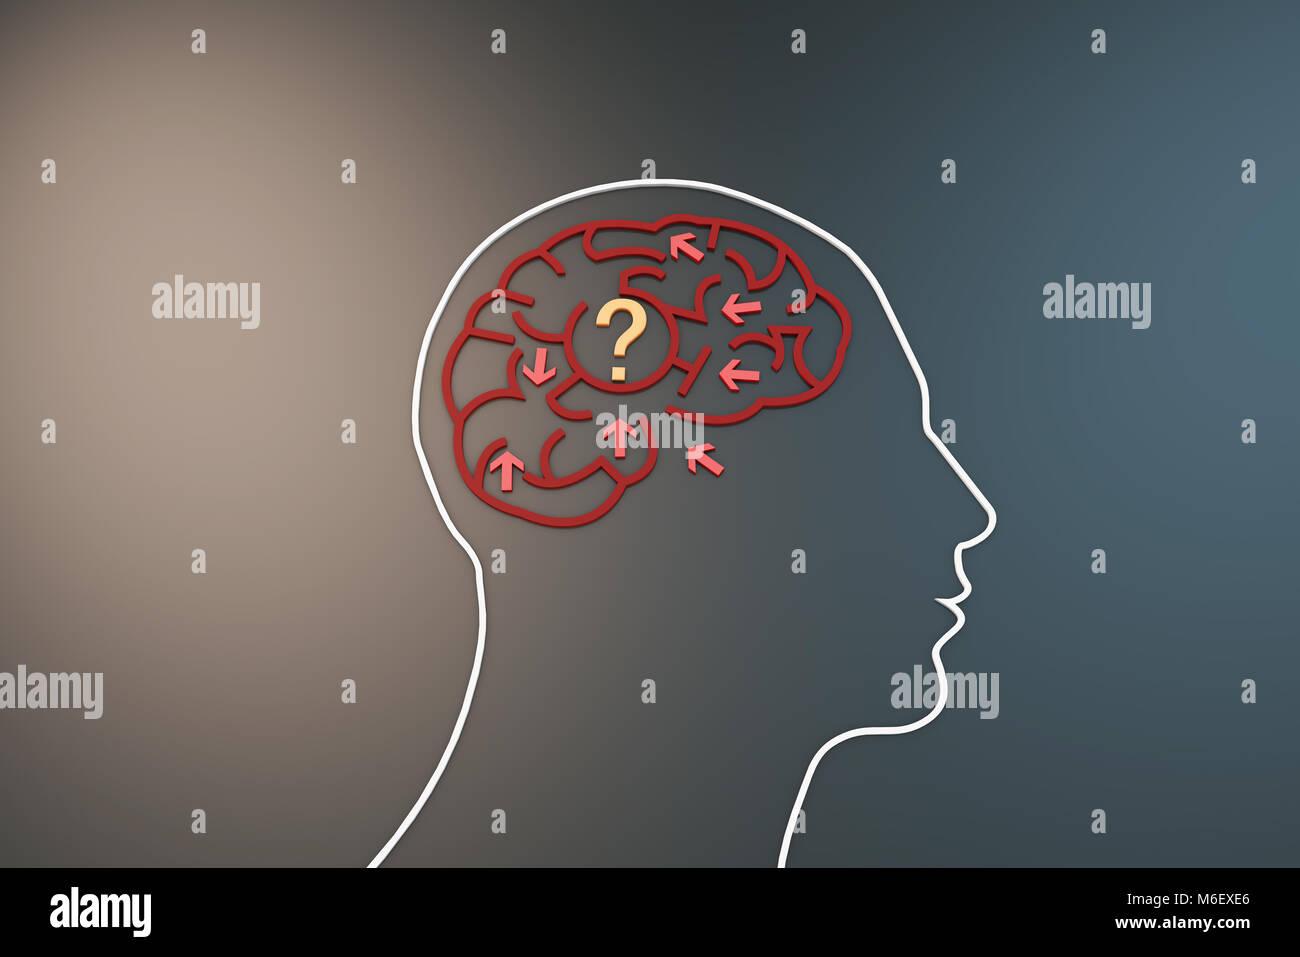 Cerveau avec labyrinthe, flèches, confusion de pensée chaotique Photo Stock